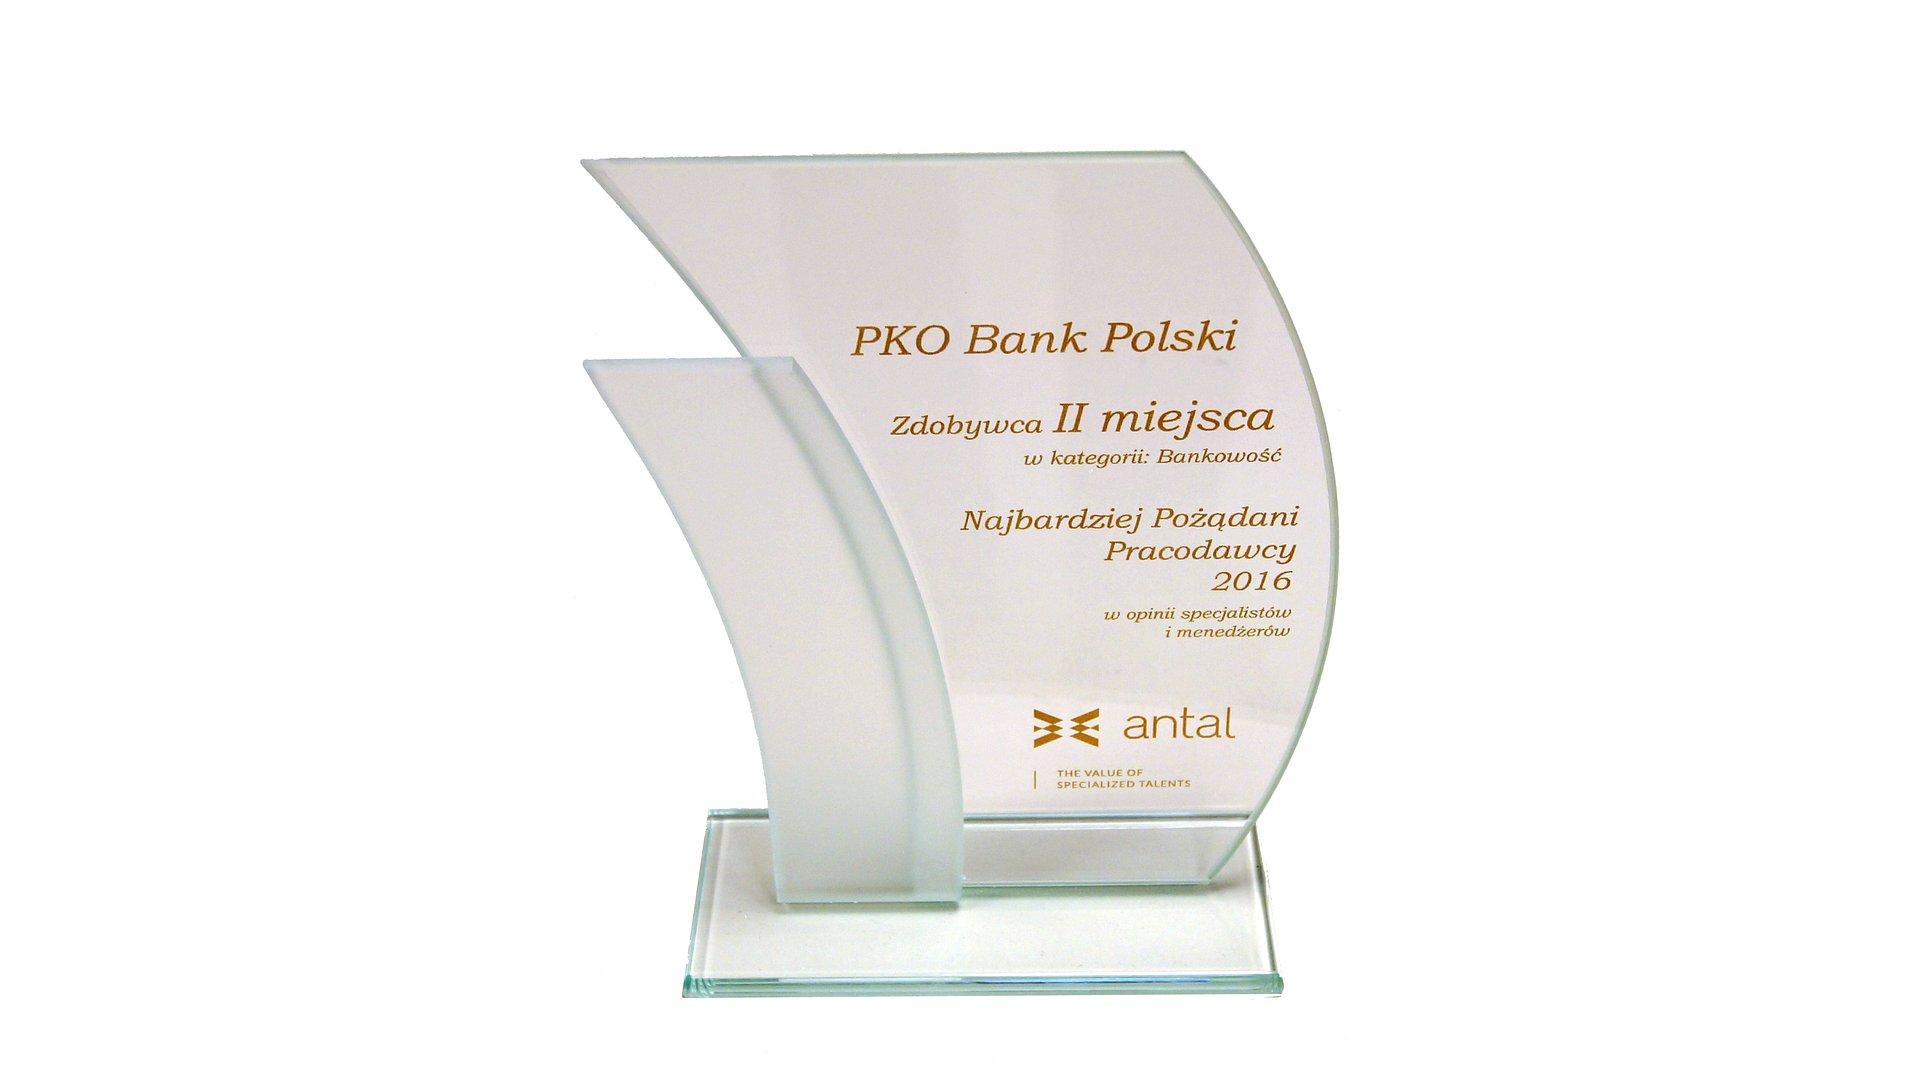 PKO Bank Polski pożądanym pracodawcą